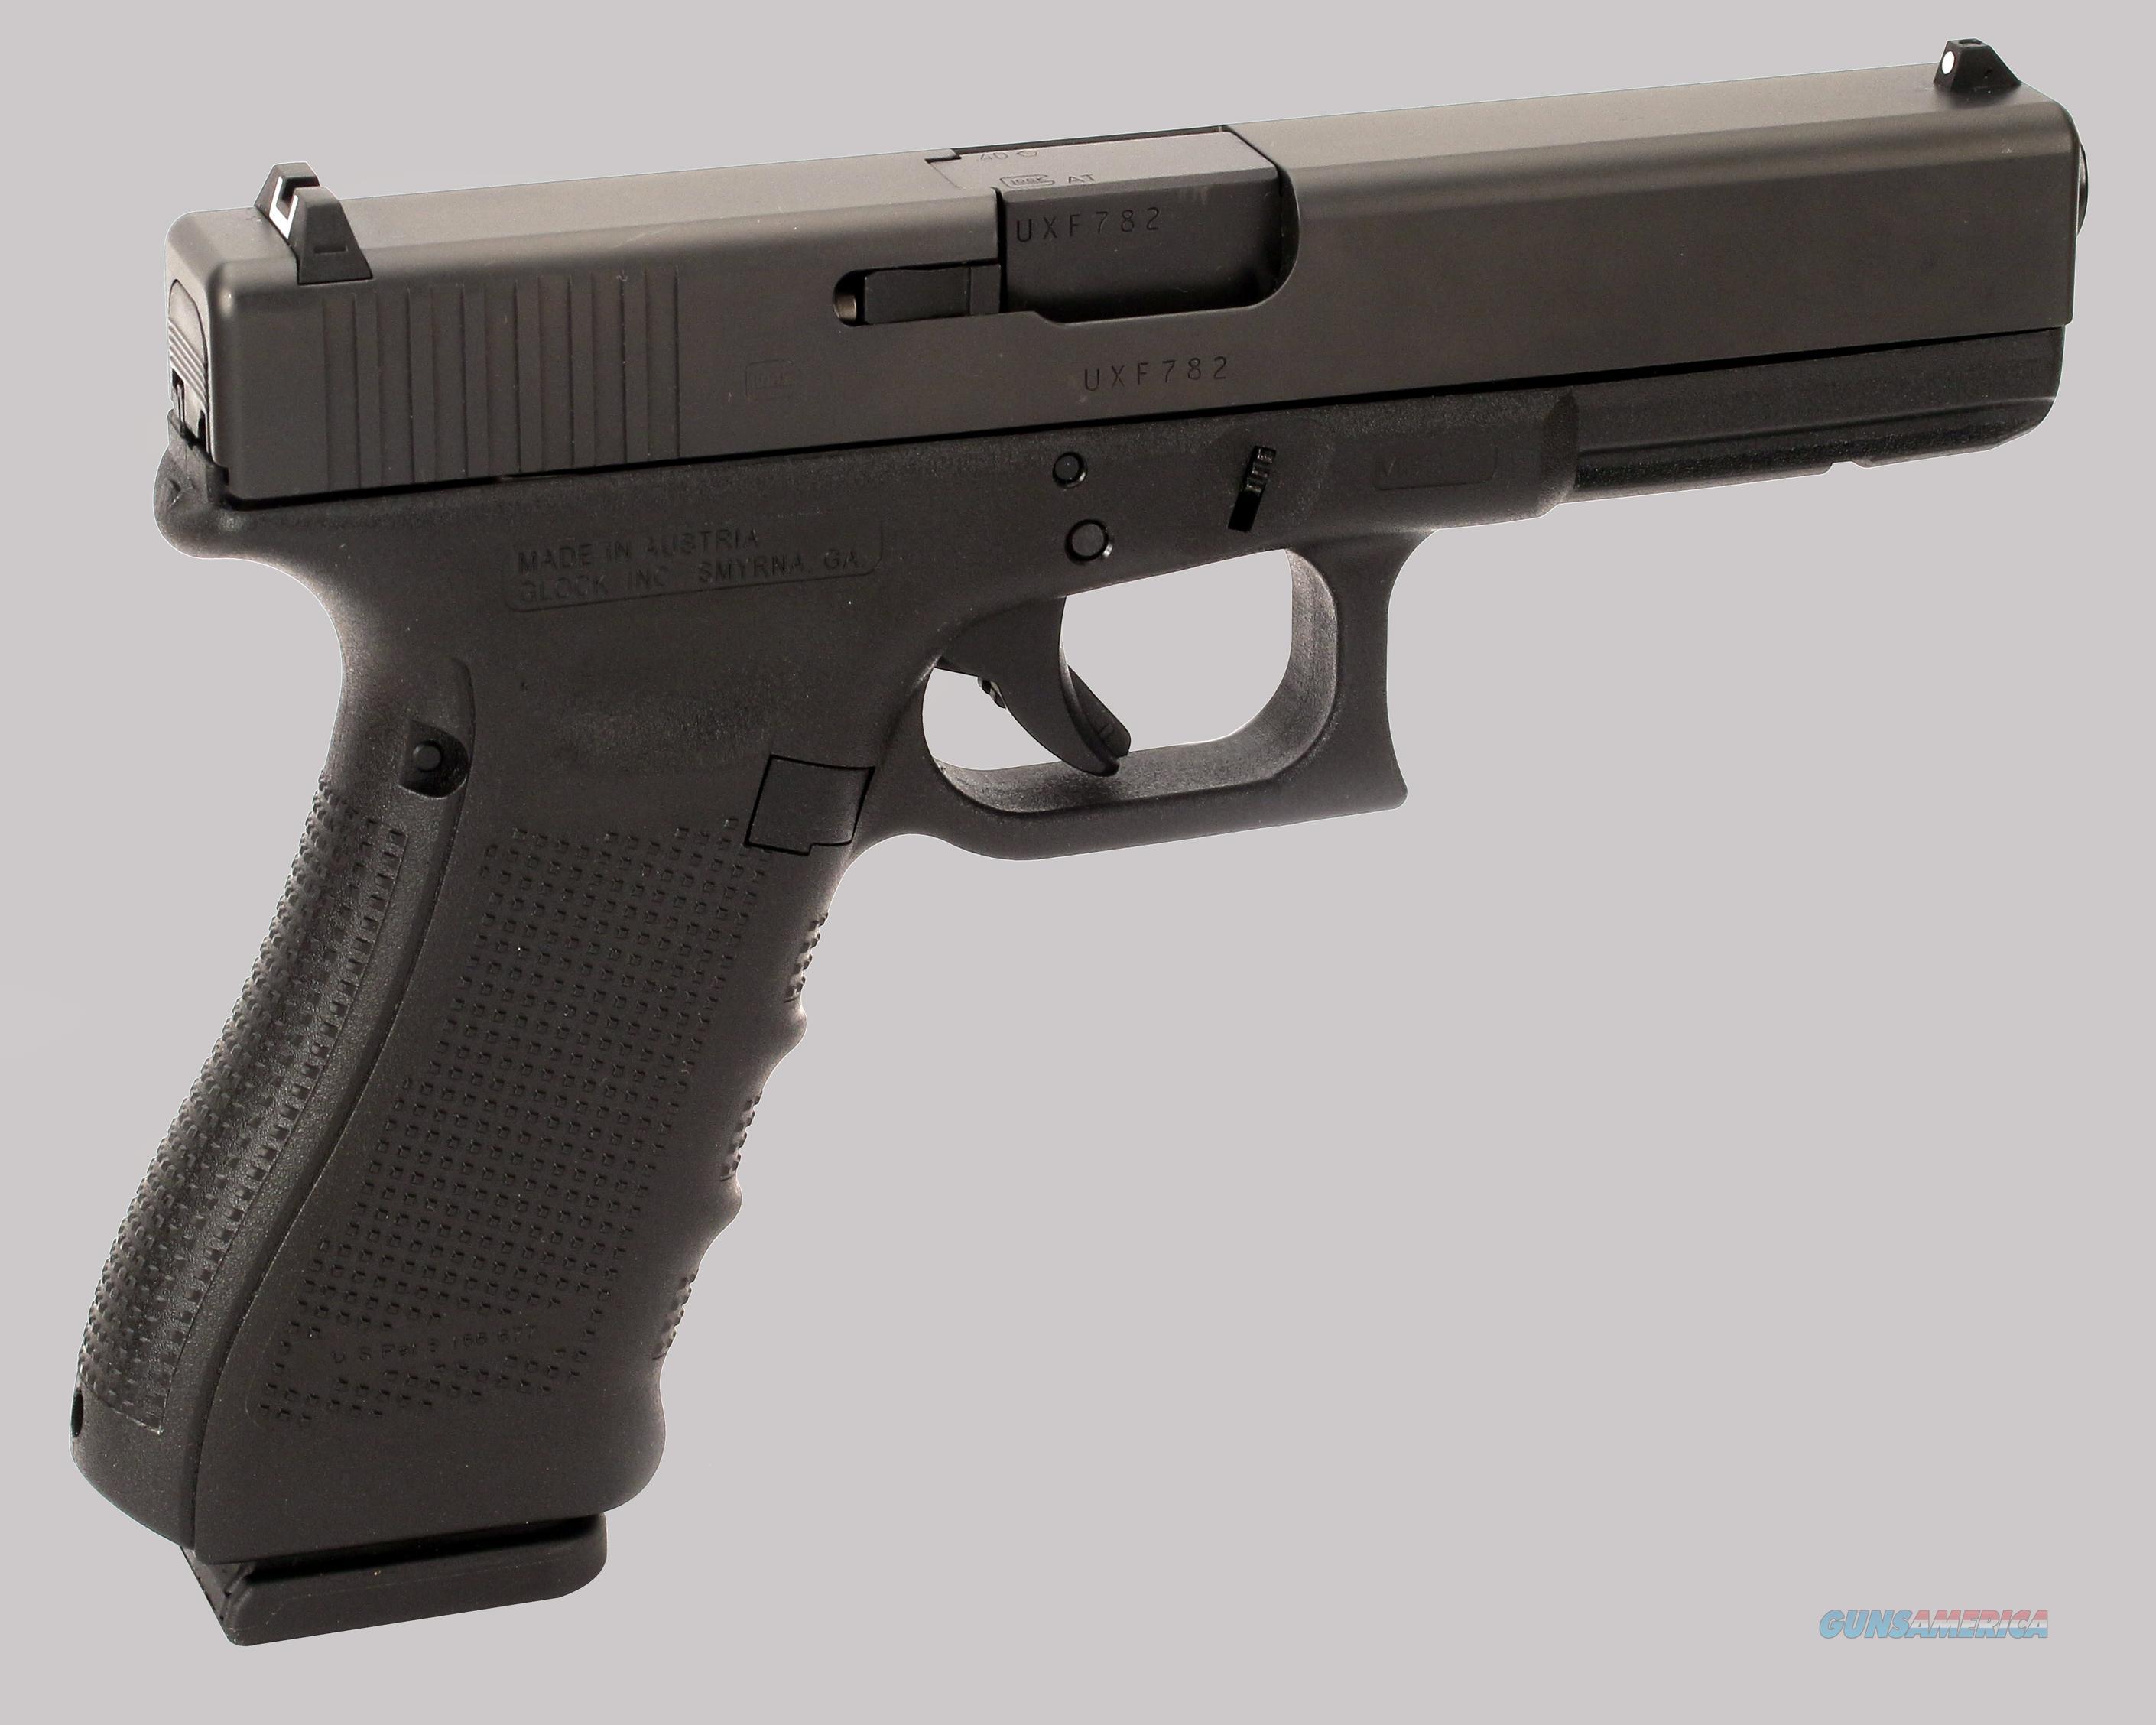 Glock 22, 40cal & 9mm Pistol for sale